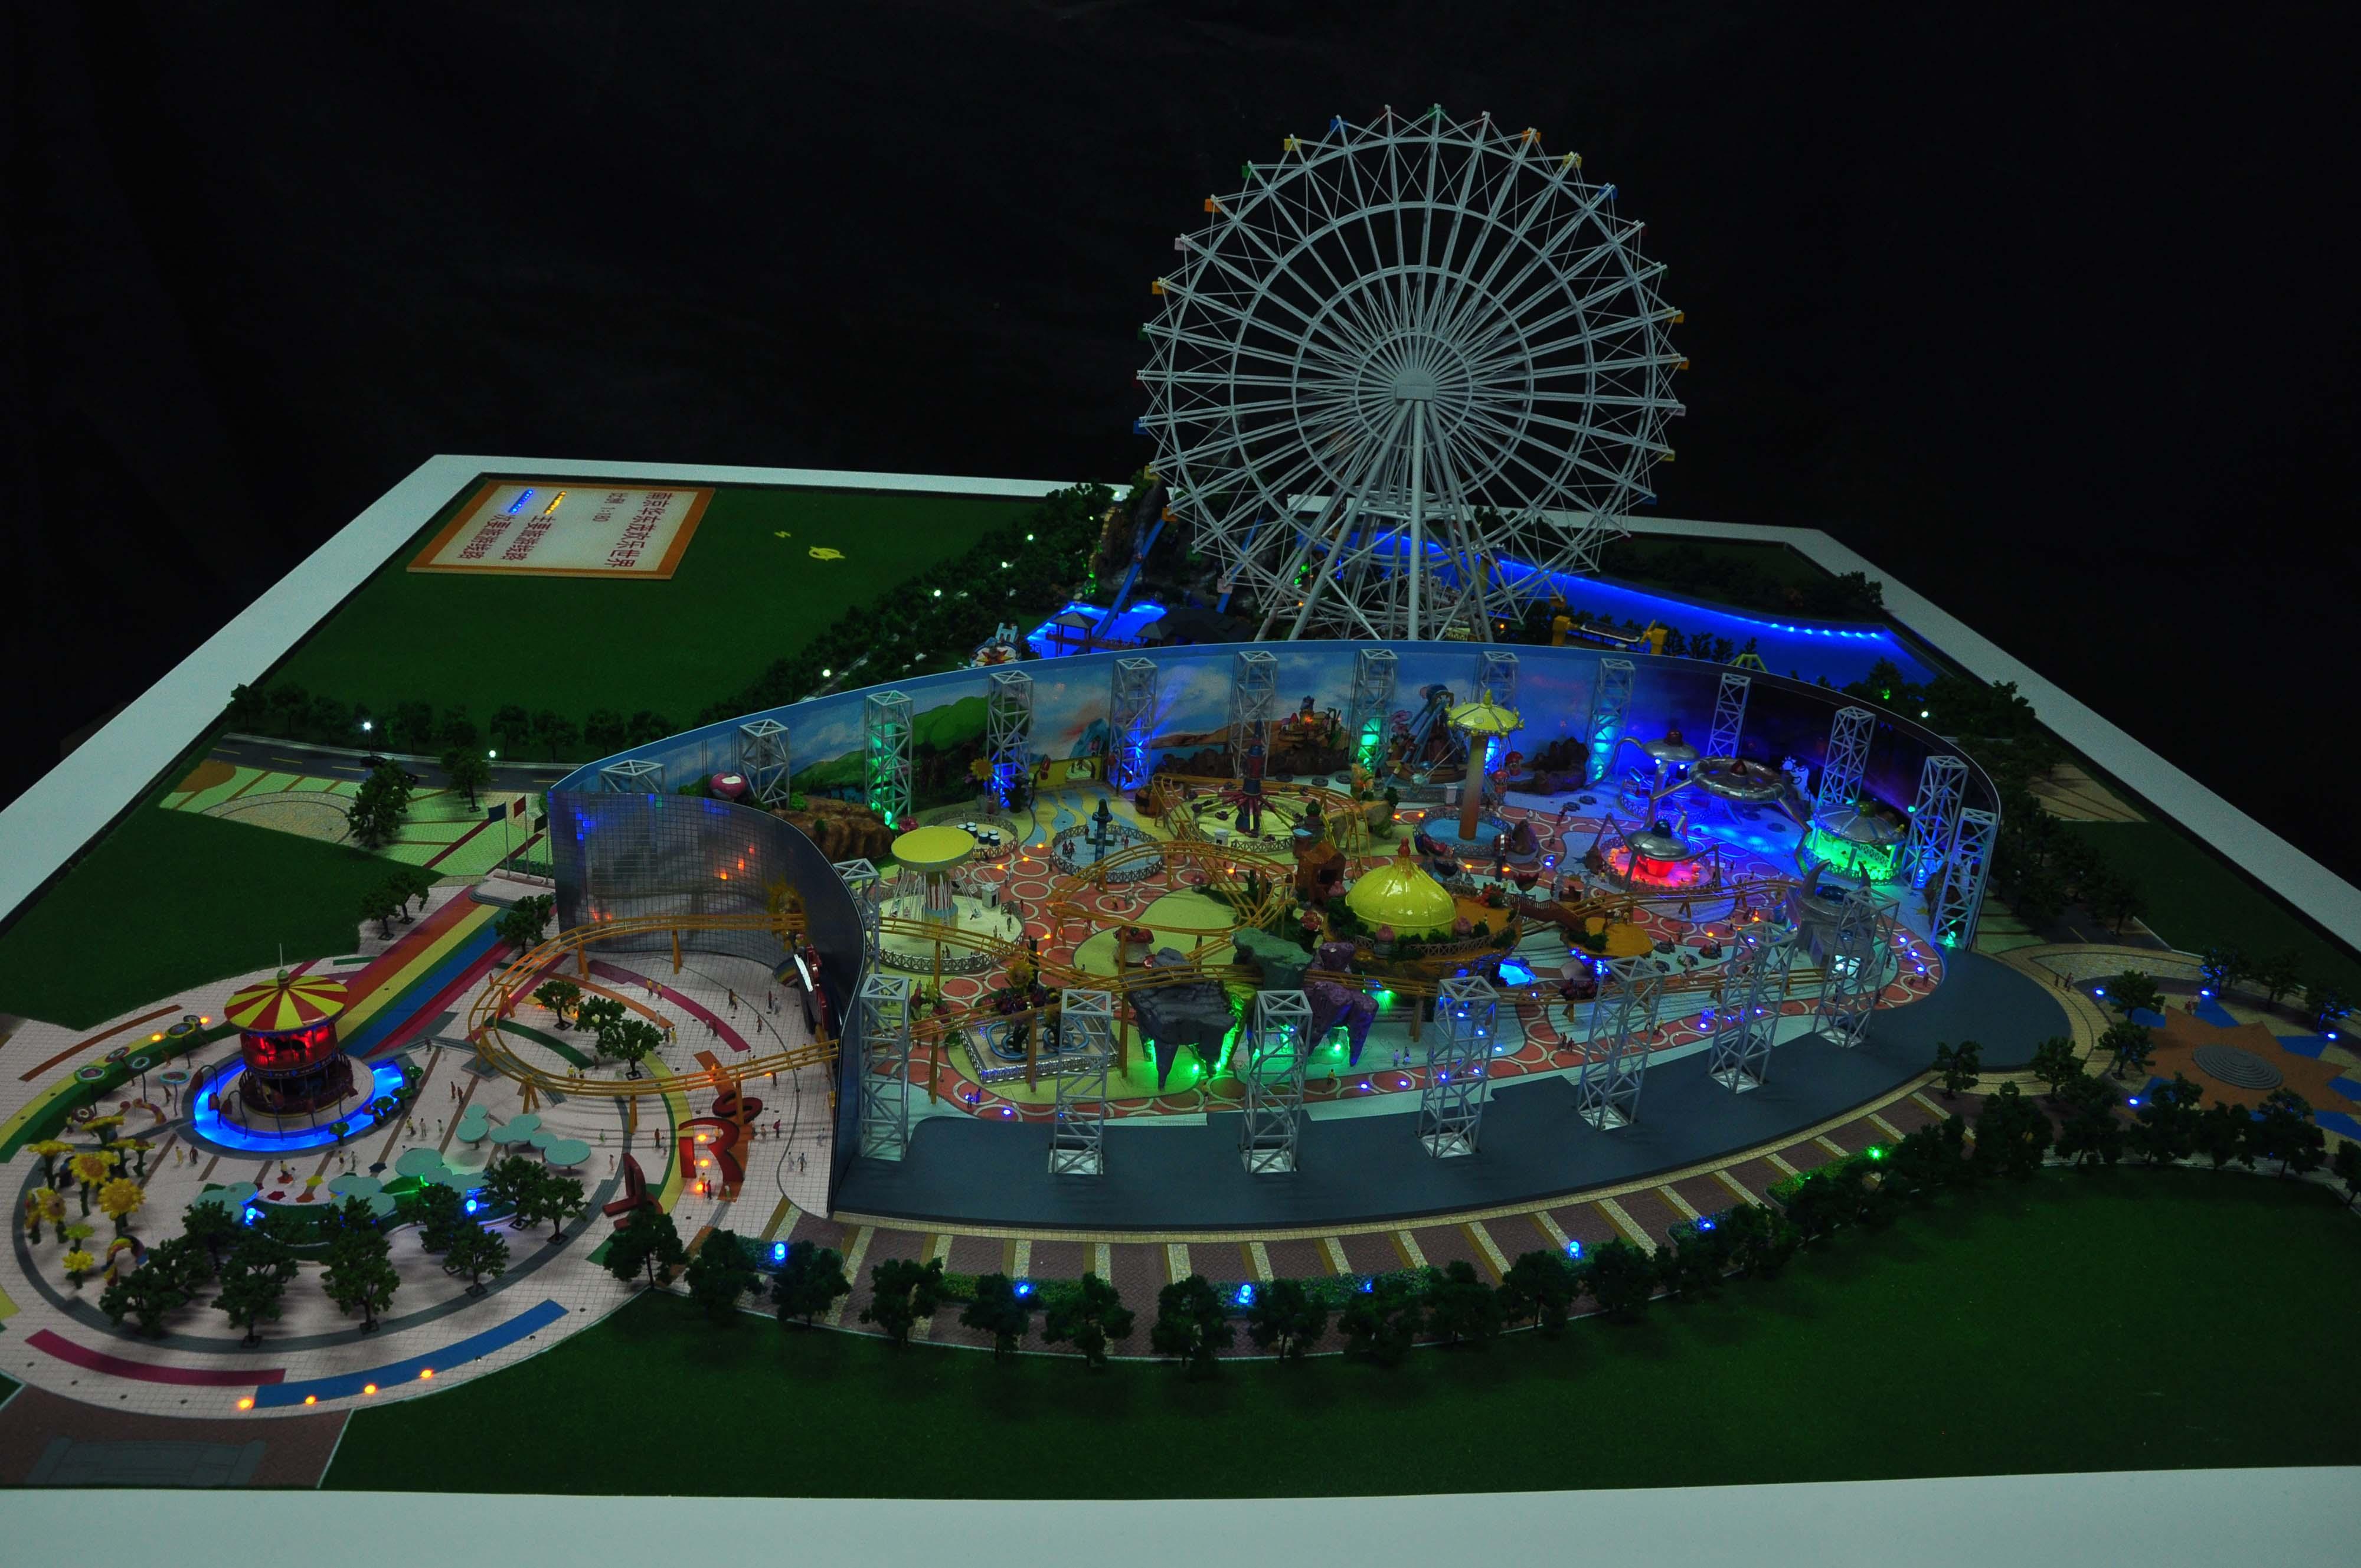 国内知名旅游策划公司|主题景观规划设计|主题公园|深圳创艺园